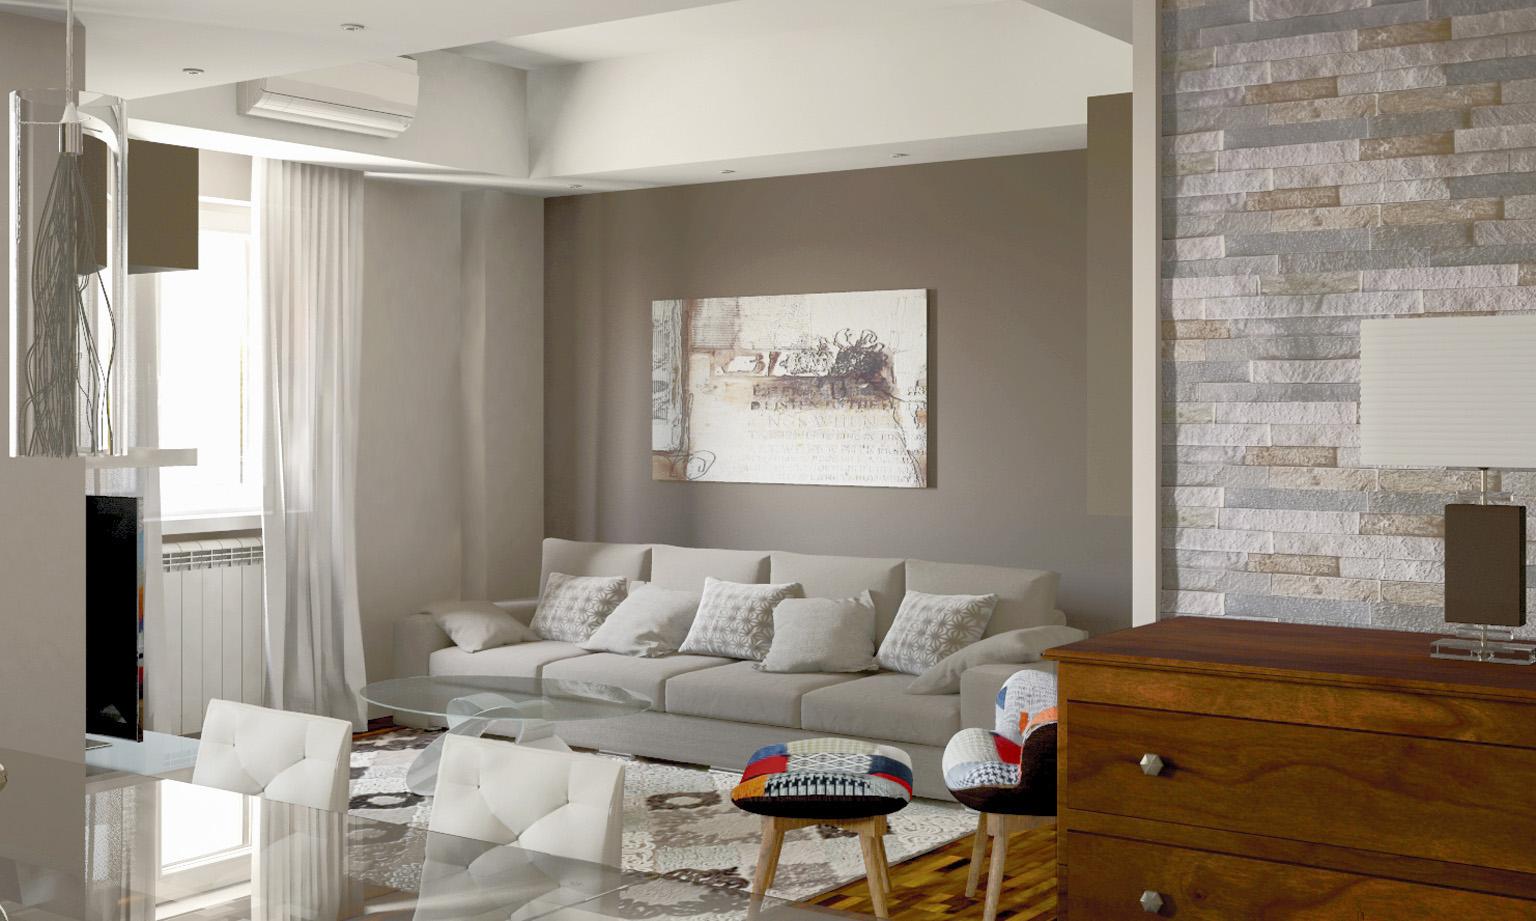 Arredamento d interni excellent arredamento duinterni for Arredamento design interni